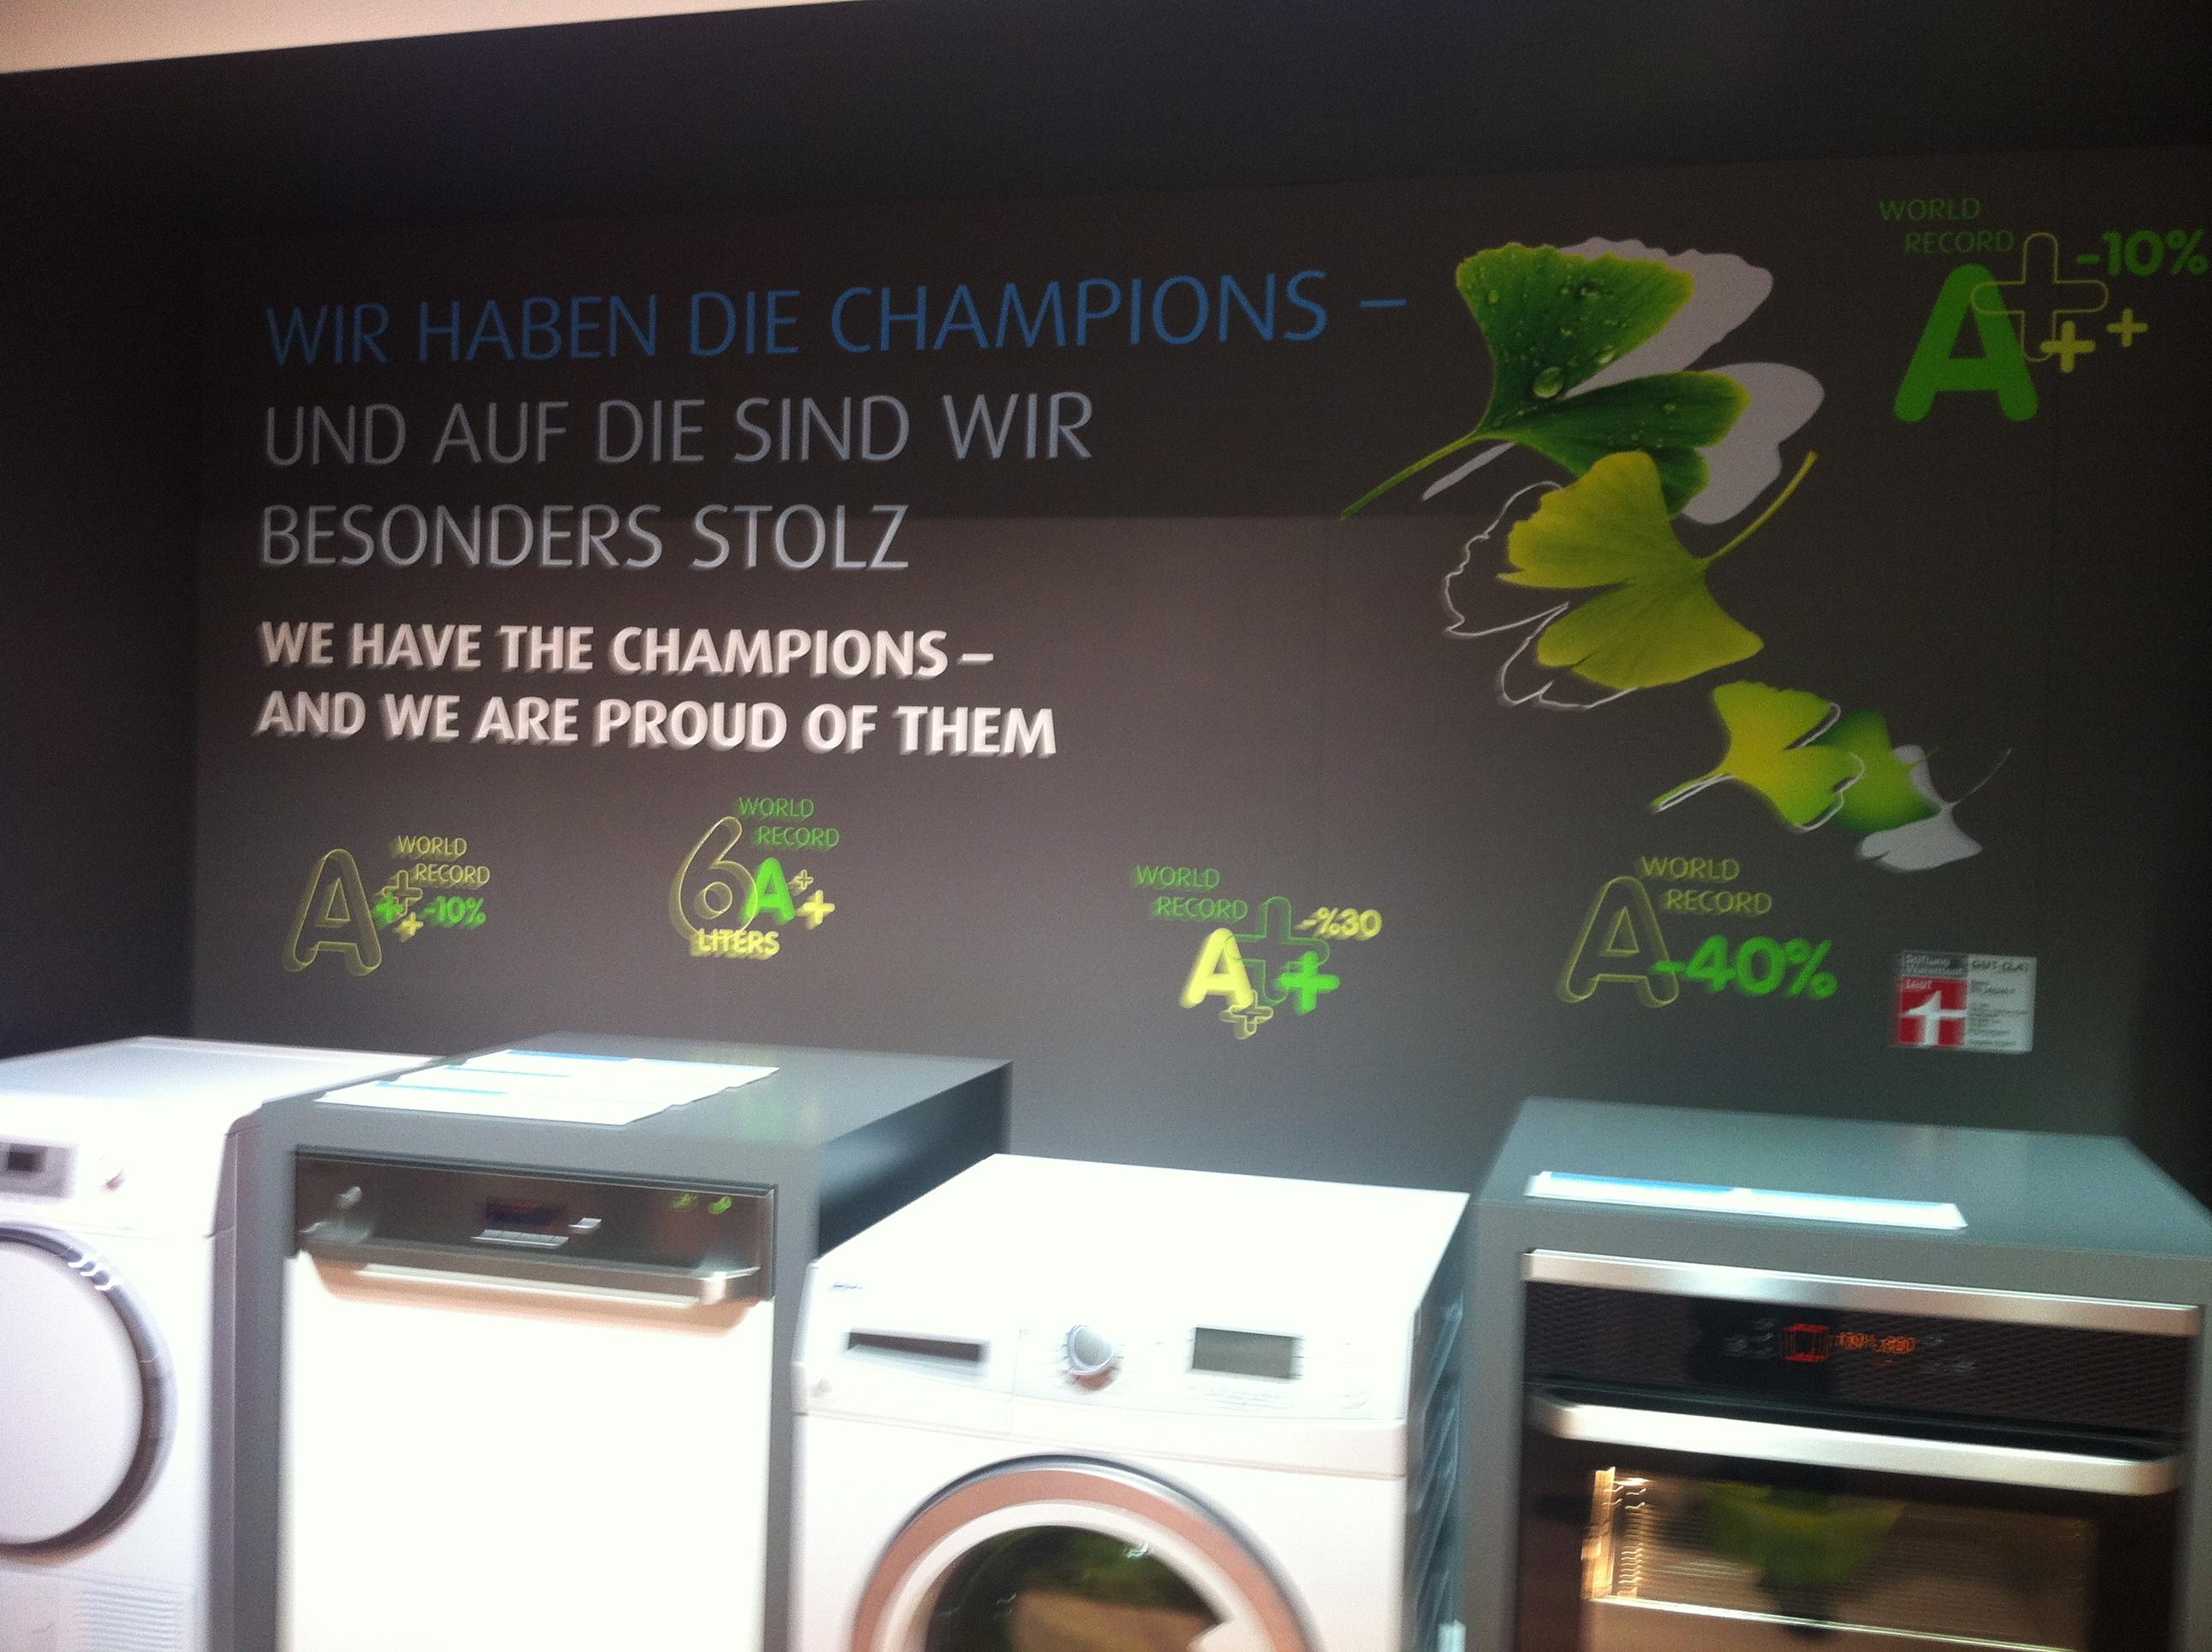 Energiesparchampions von BEKO auf der IFA 2012